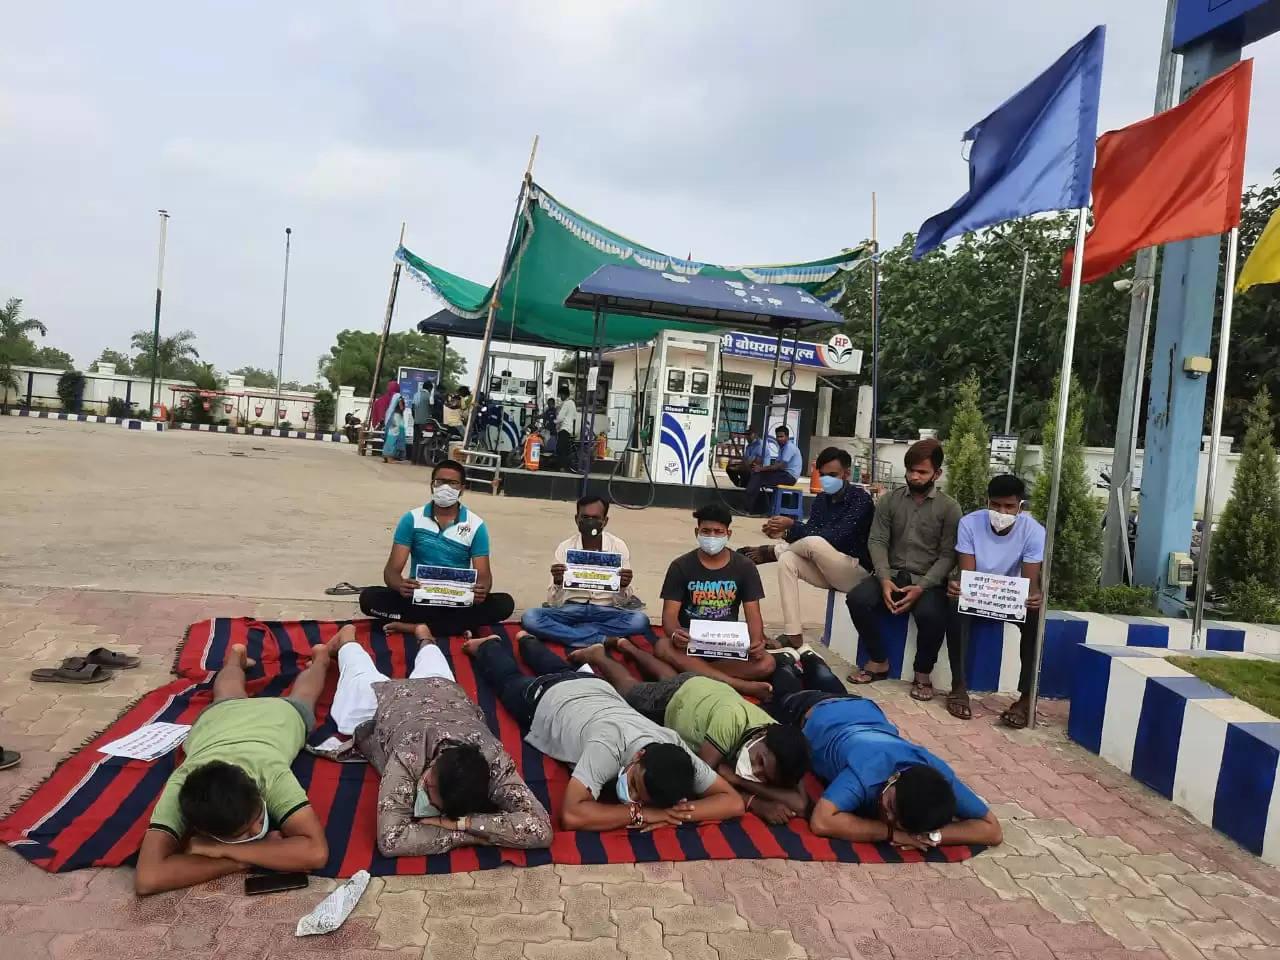 प्रदेश कांग्रेस कमेटी के आह्वान एवं NSUI द्वारा पेट्रोल एवं डीजल का महंगाई के विरोध में धरना प्रदर्शन ।